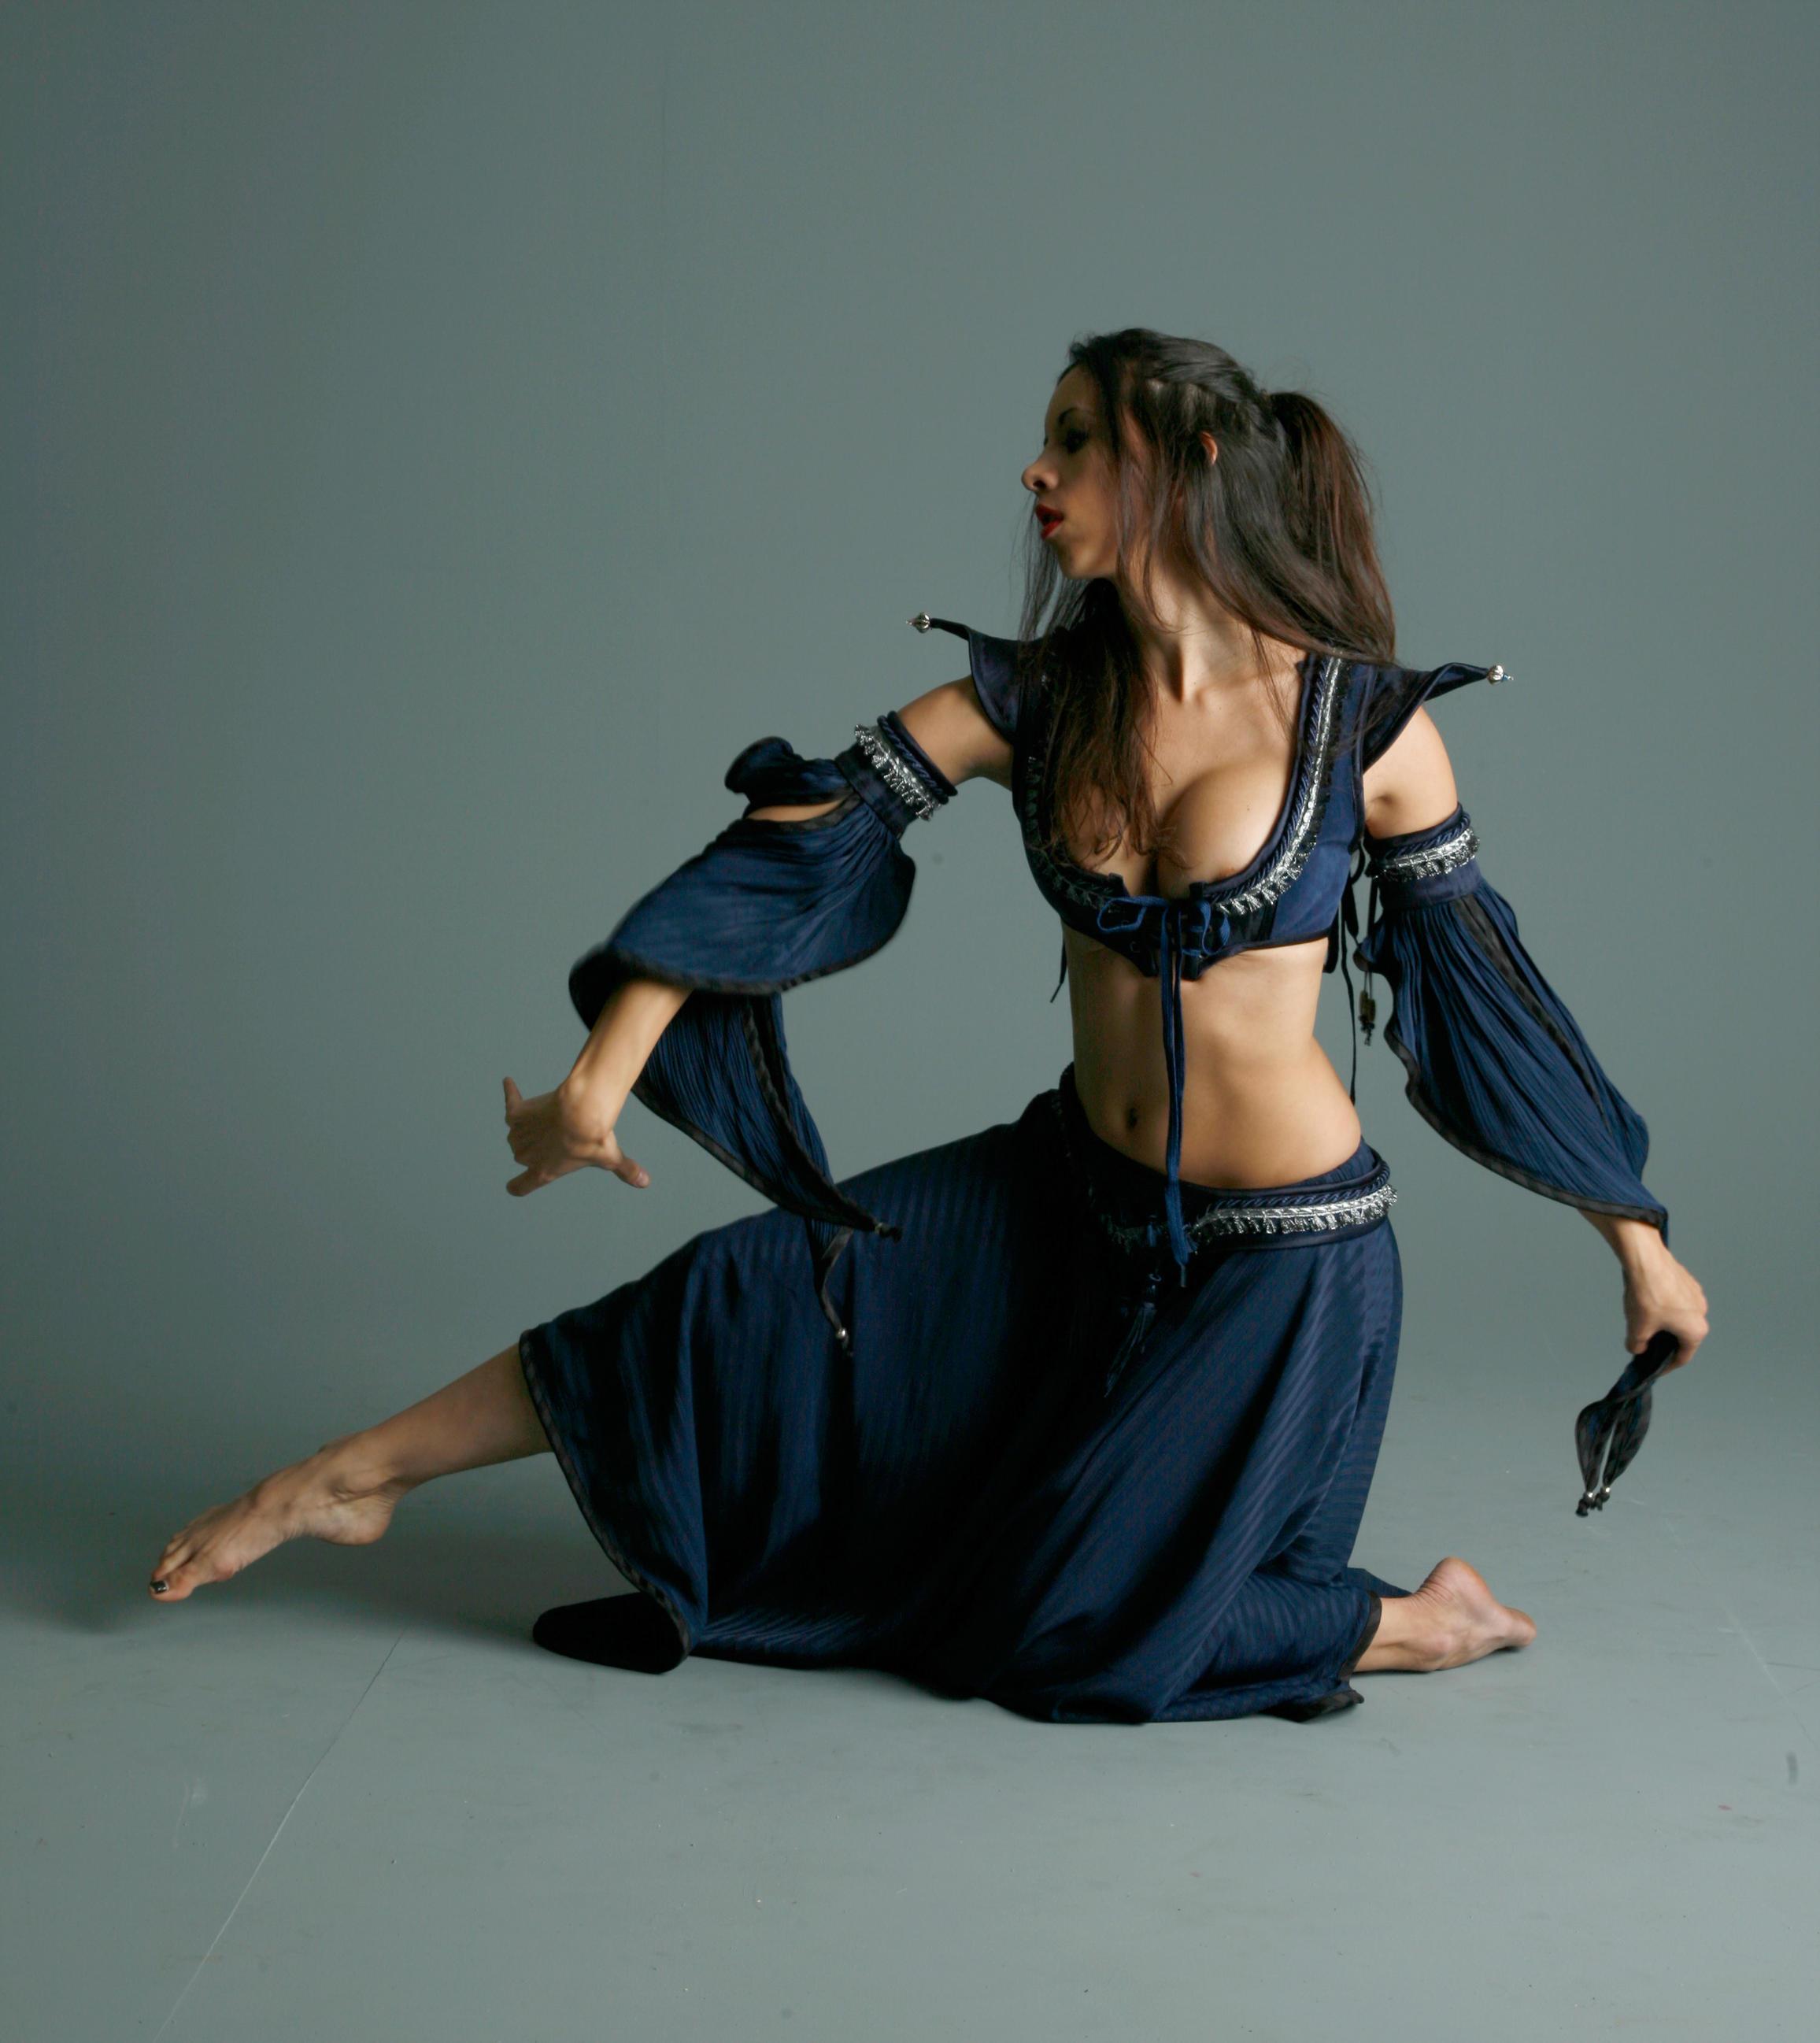 Desert Dancer - 12 by mjranum-stock